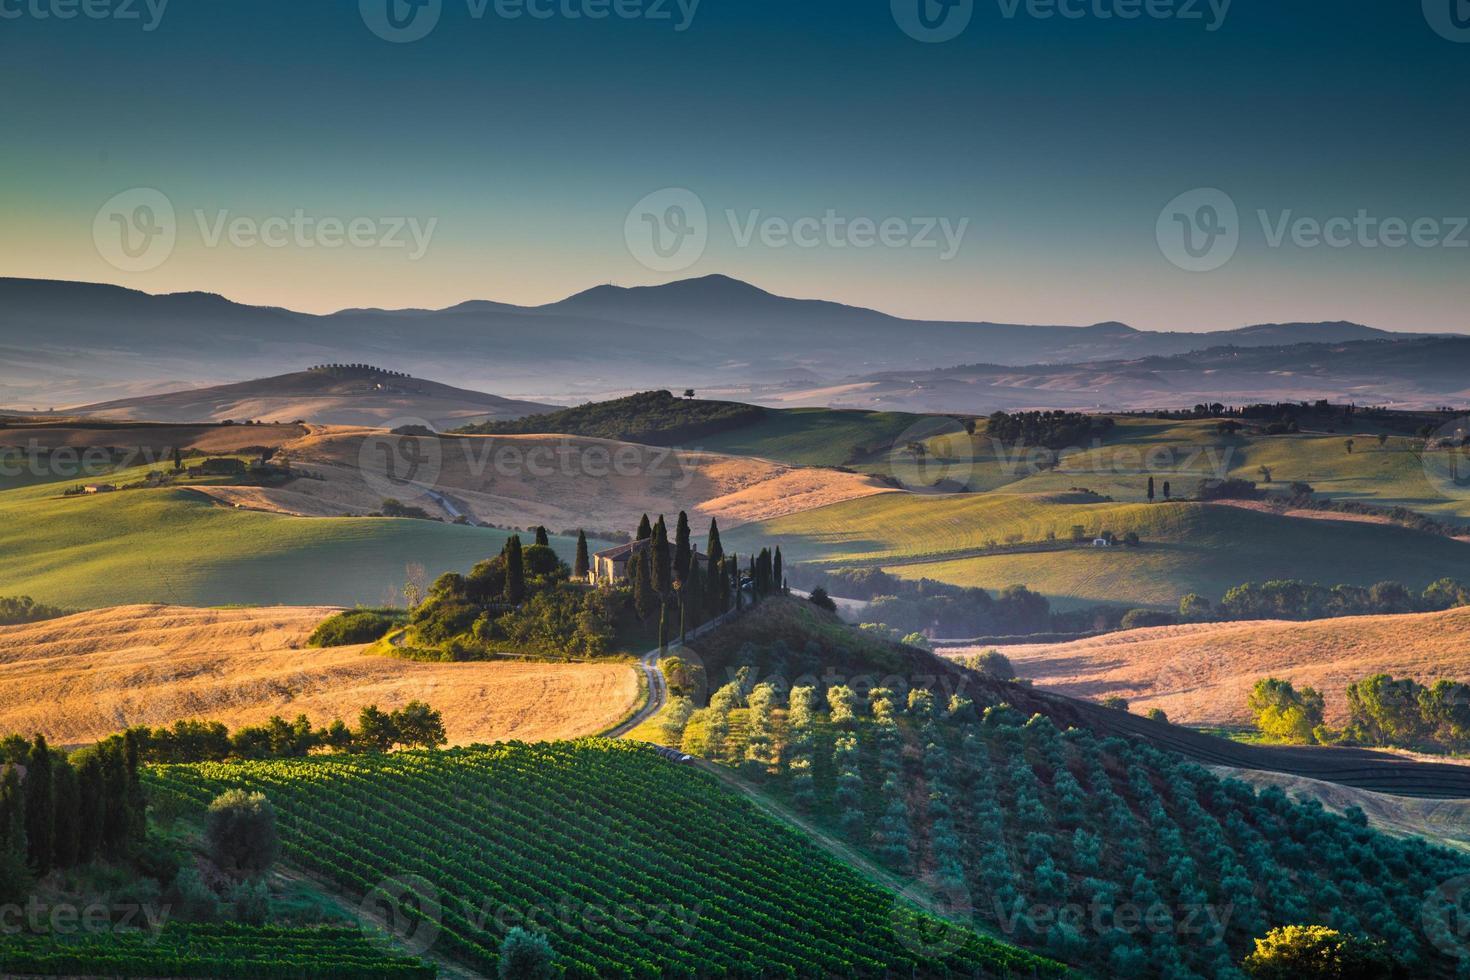 natursköna Toscana landskap vid soluppgång, Val d'orcia, Italien foto